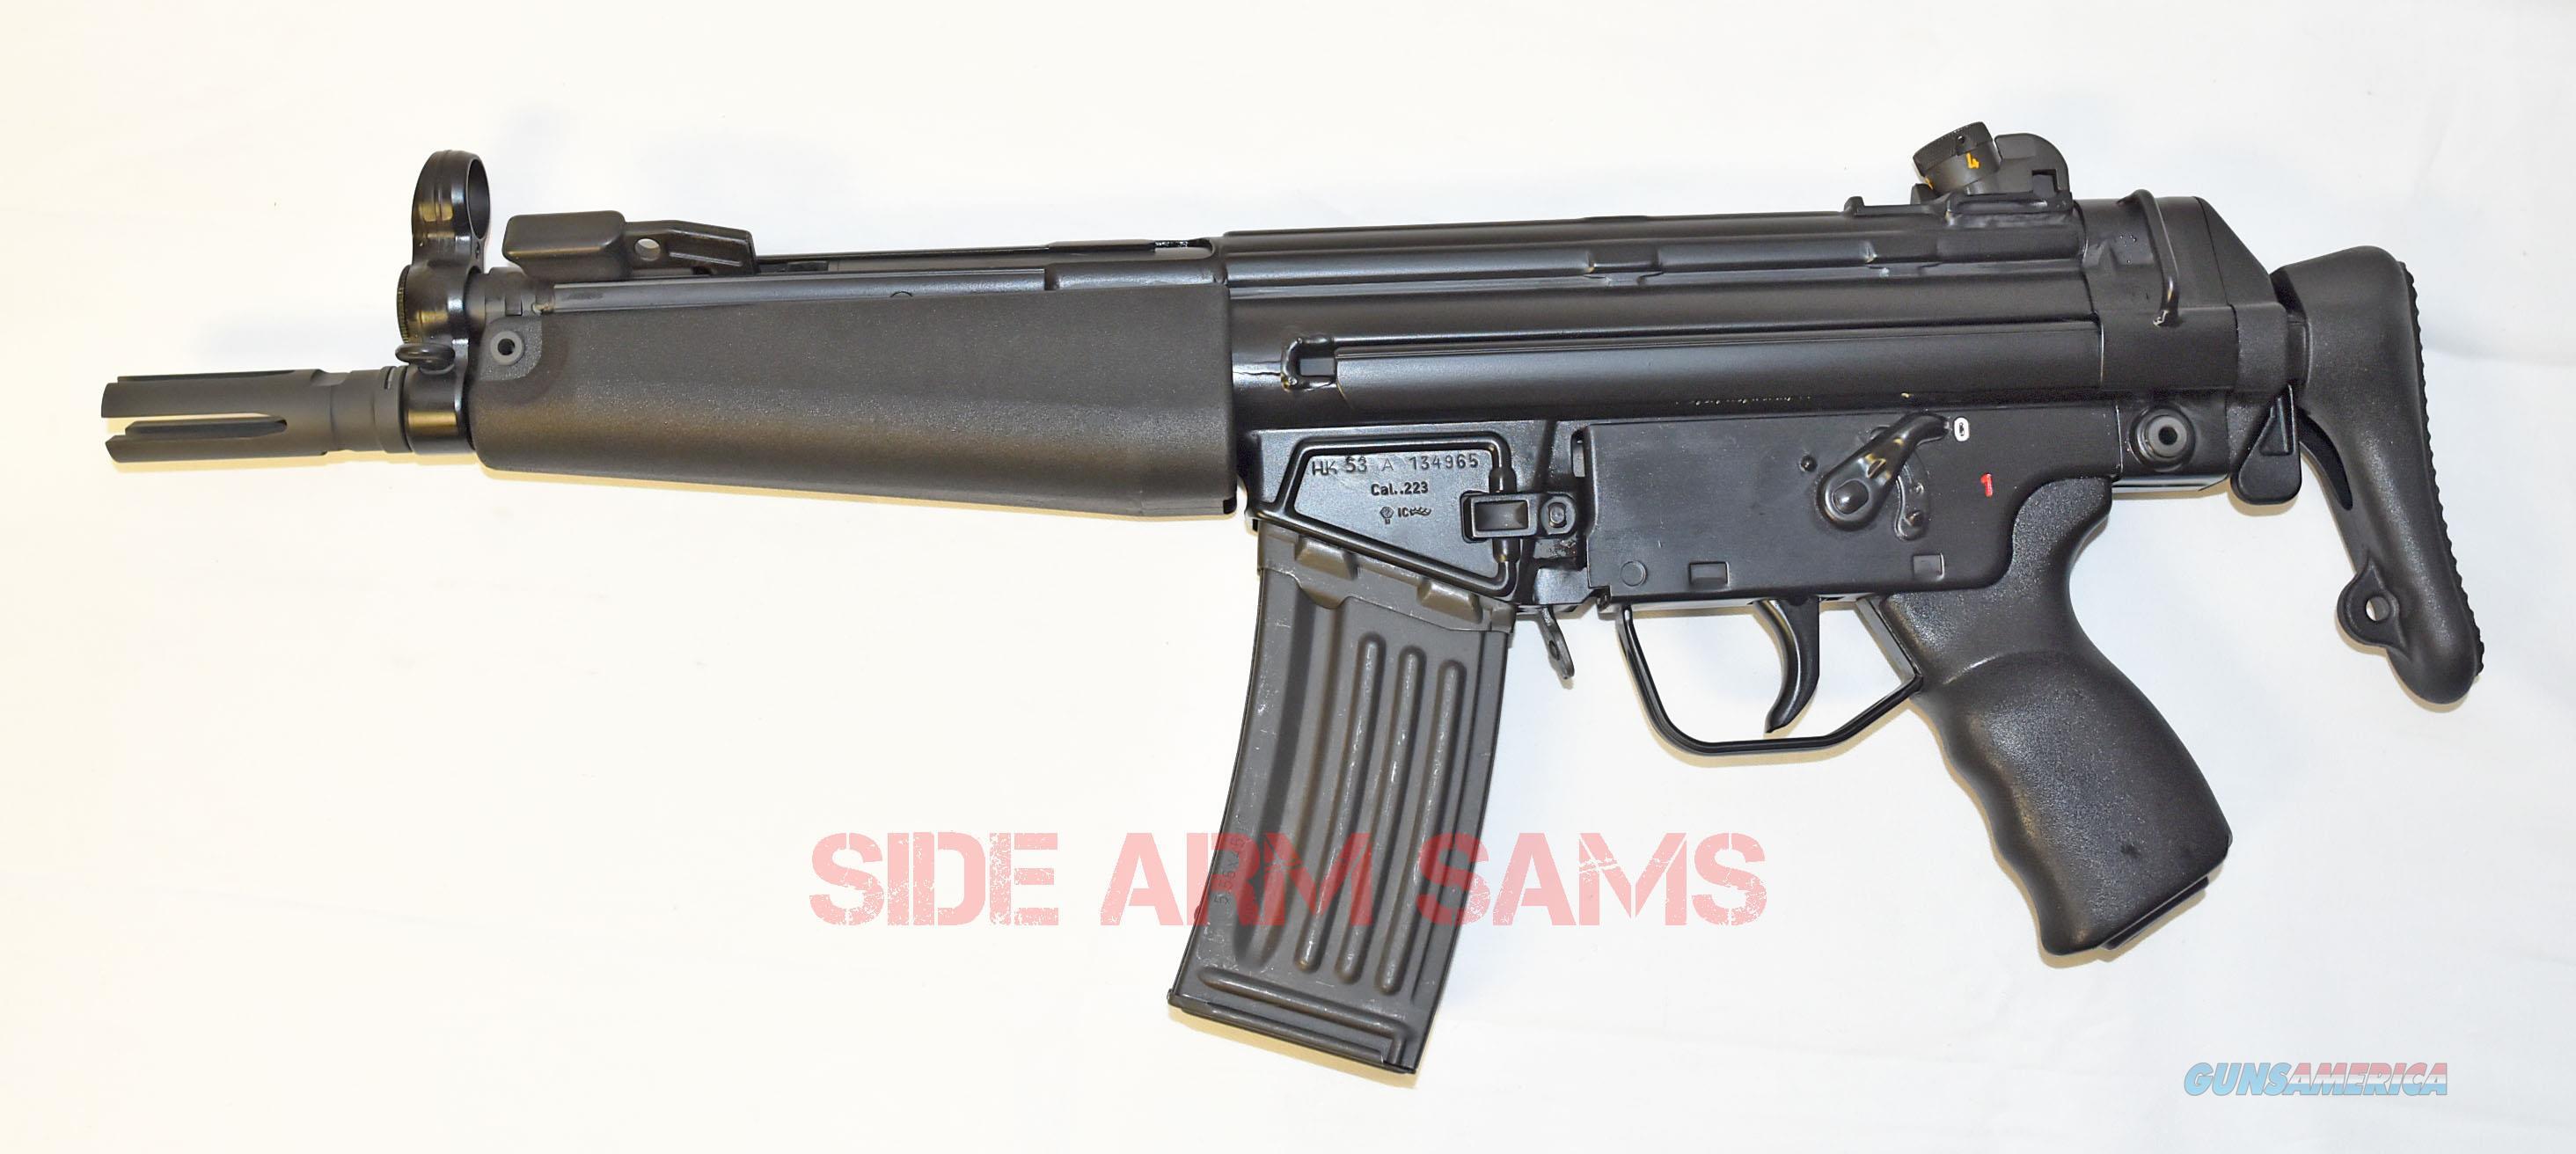 UNFIRED Since Conversion German HK53A3 Short Barrel Rifle by TDYer  Guns > Rifles > Class 3 Rifles > Class 3 Subguns